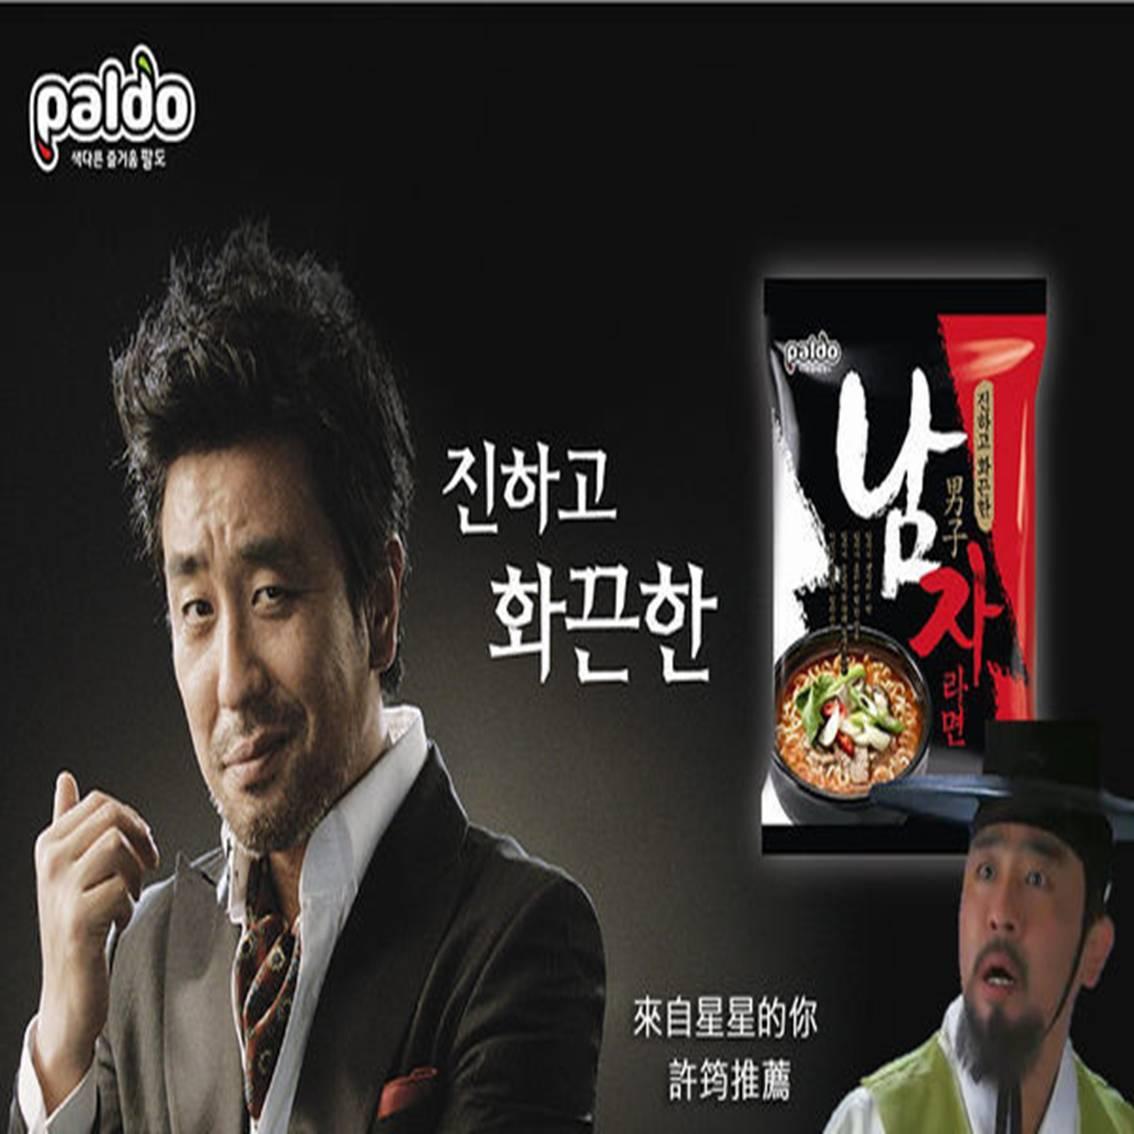 韓國 八道Paldo 男子拉麵 韓國最辣泡麵TOP3 ^~ 5包 袋  樂活 館